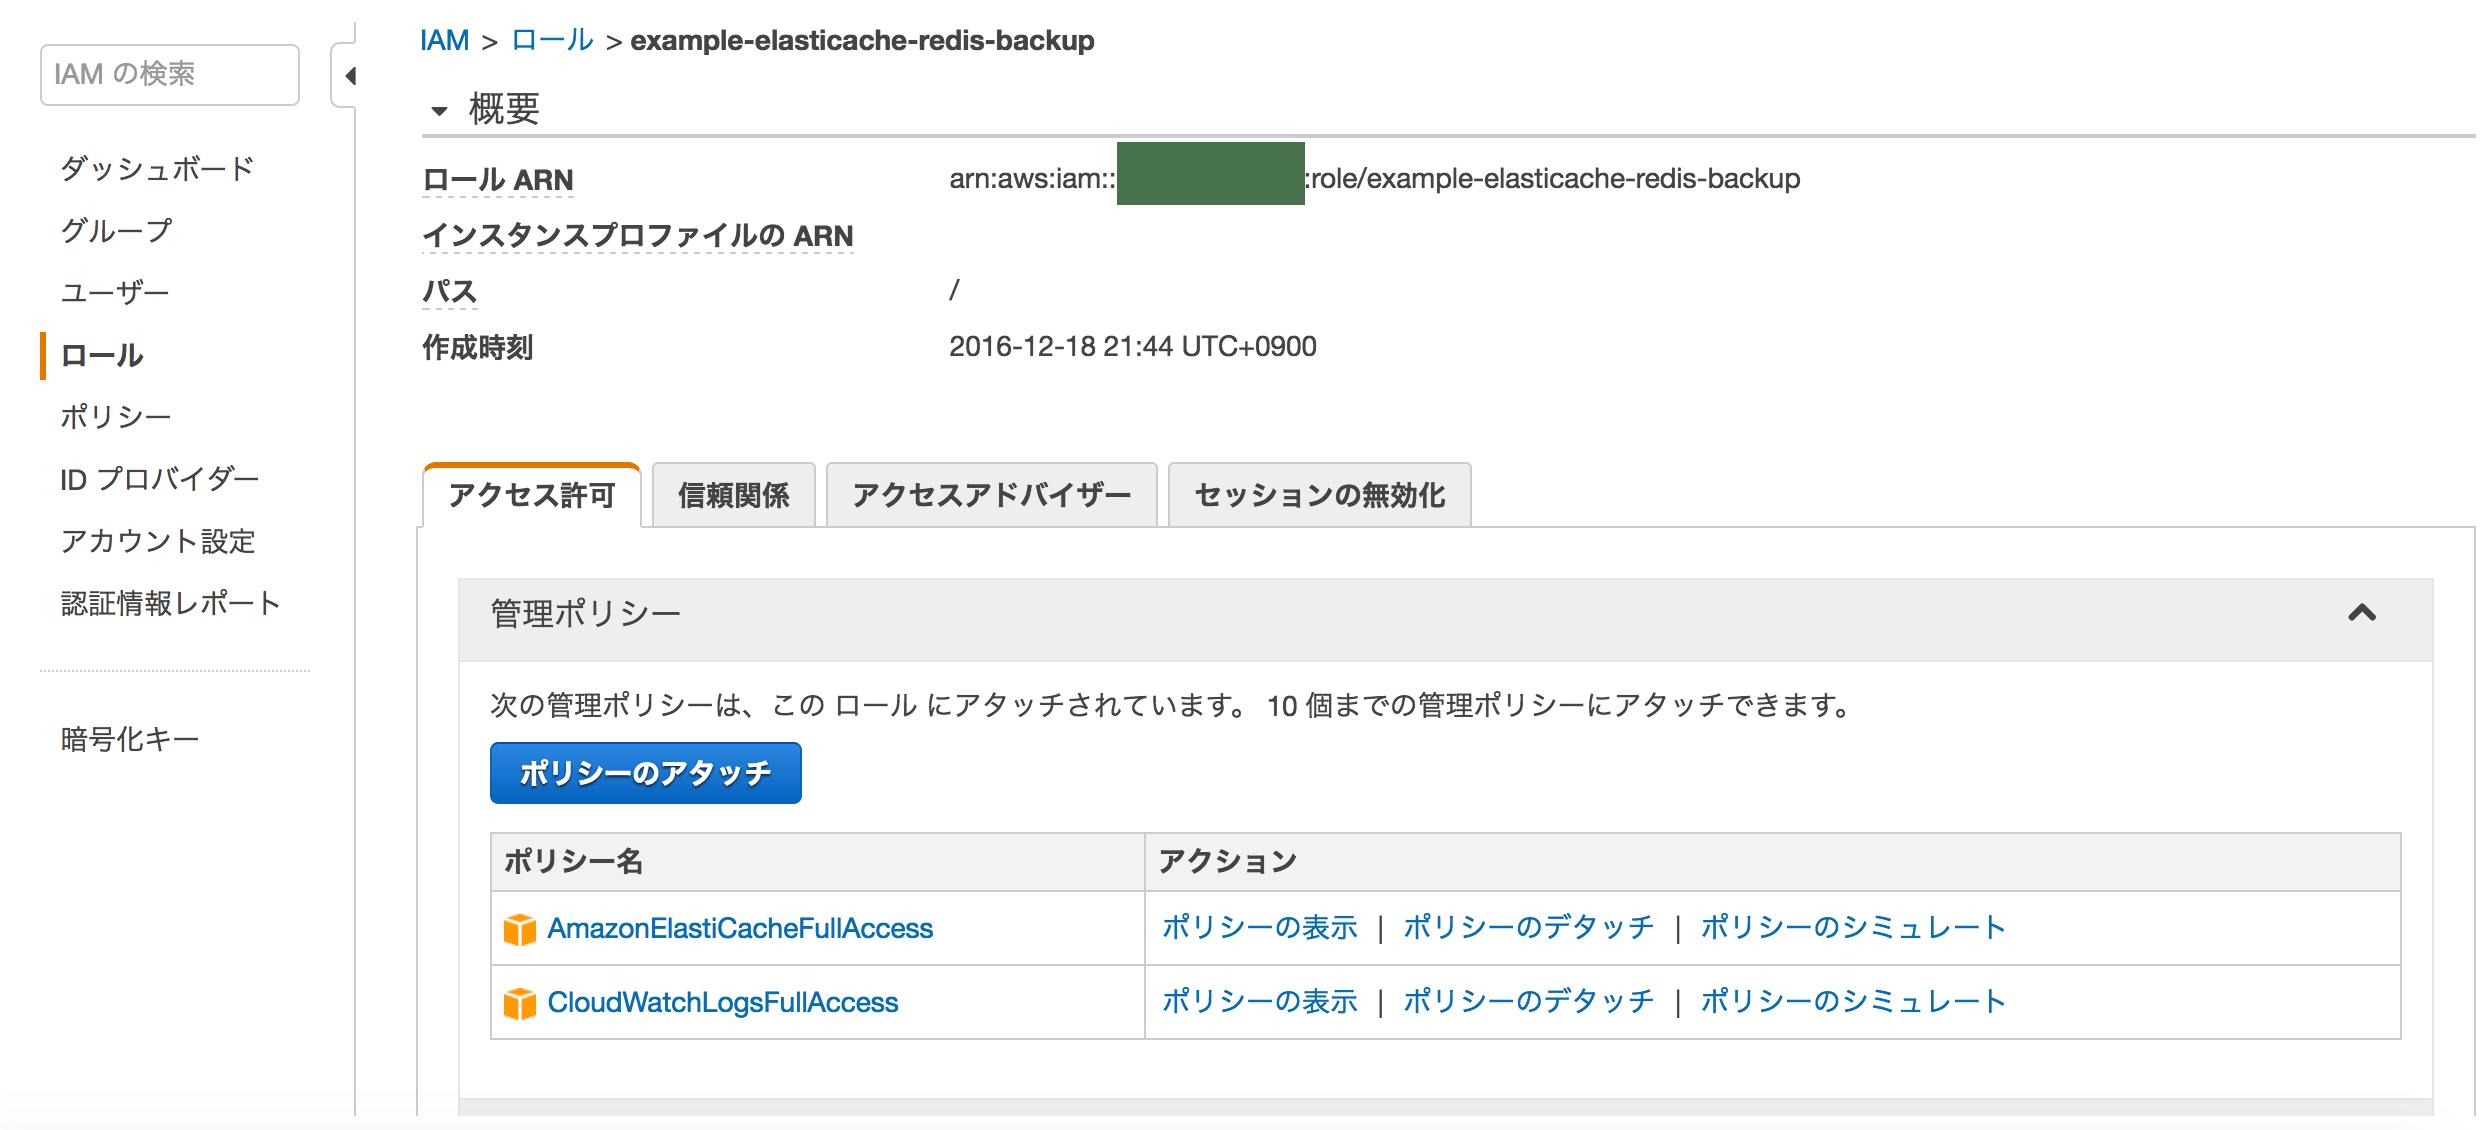 スクリーンショット 2016-12-18 21.45.06.png